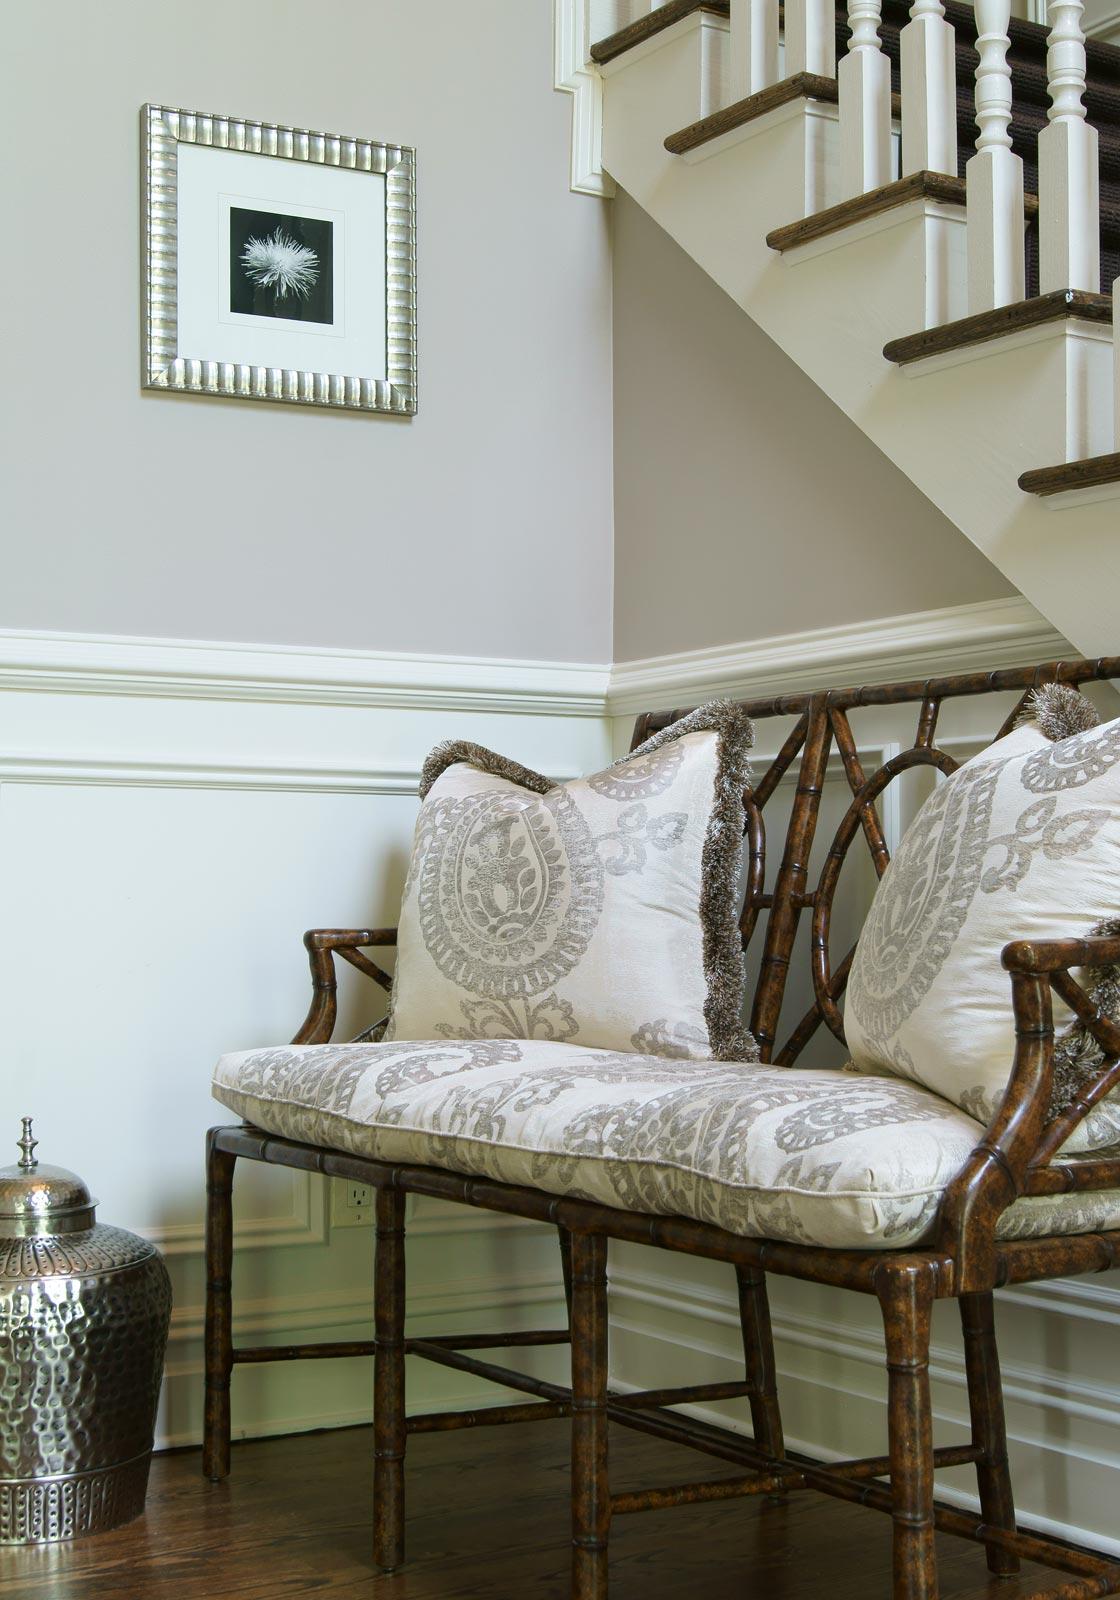 Foyer Seating Nj : Chatham nj valerie grant interiors